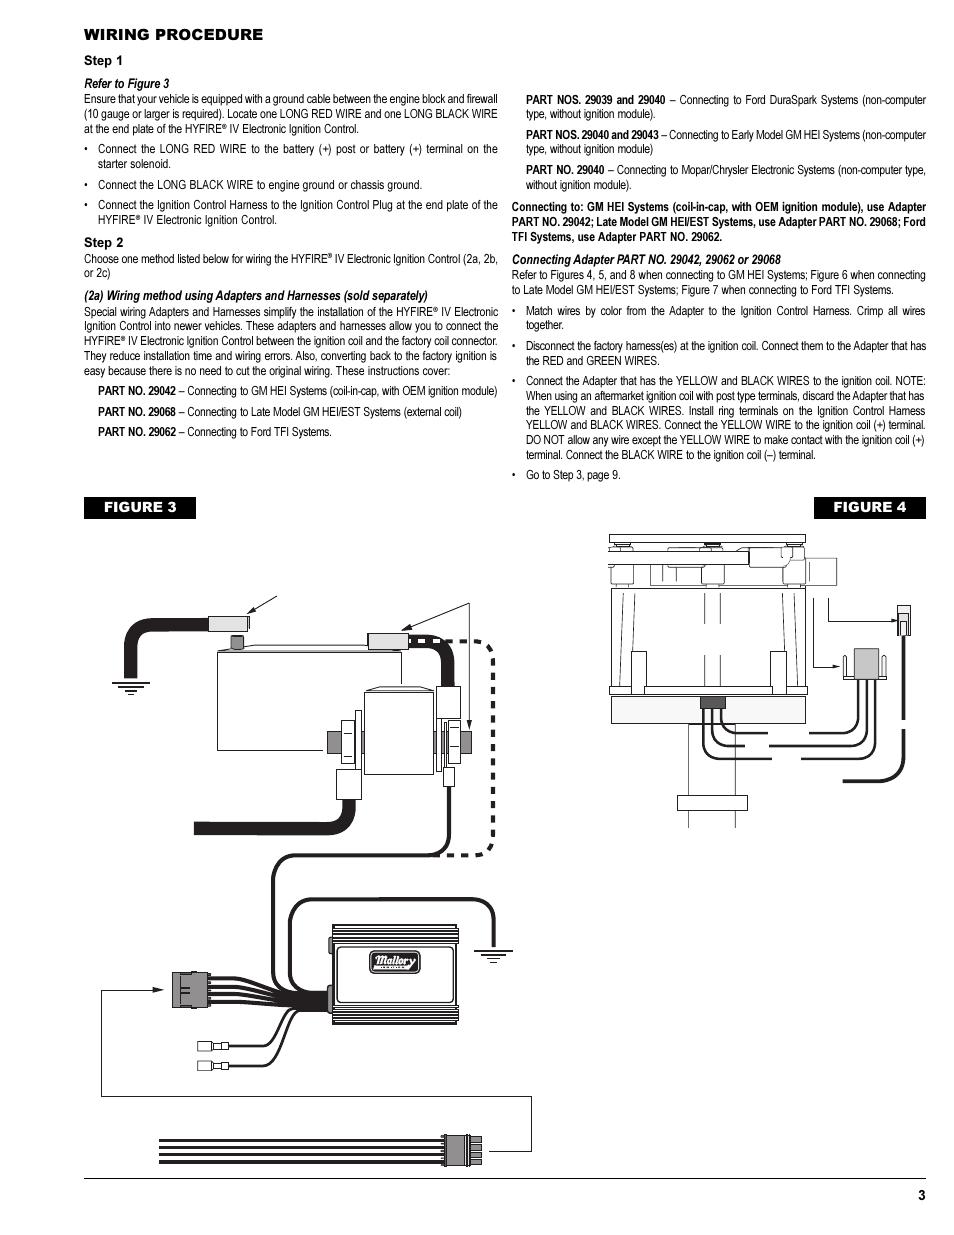 Mallory Hyfire Wiring Diagram For Cj7 Manual E Books 29440 Diagrammallory 6 Furniture